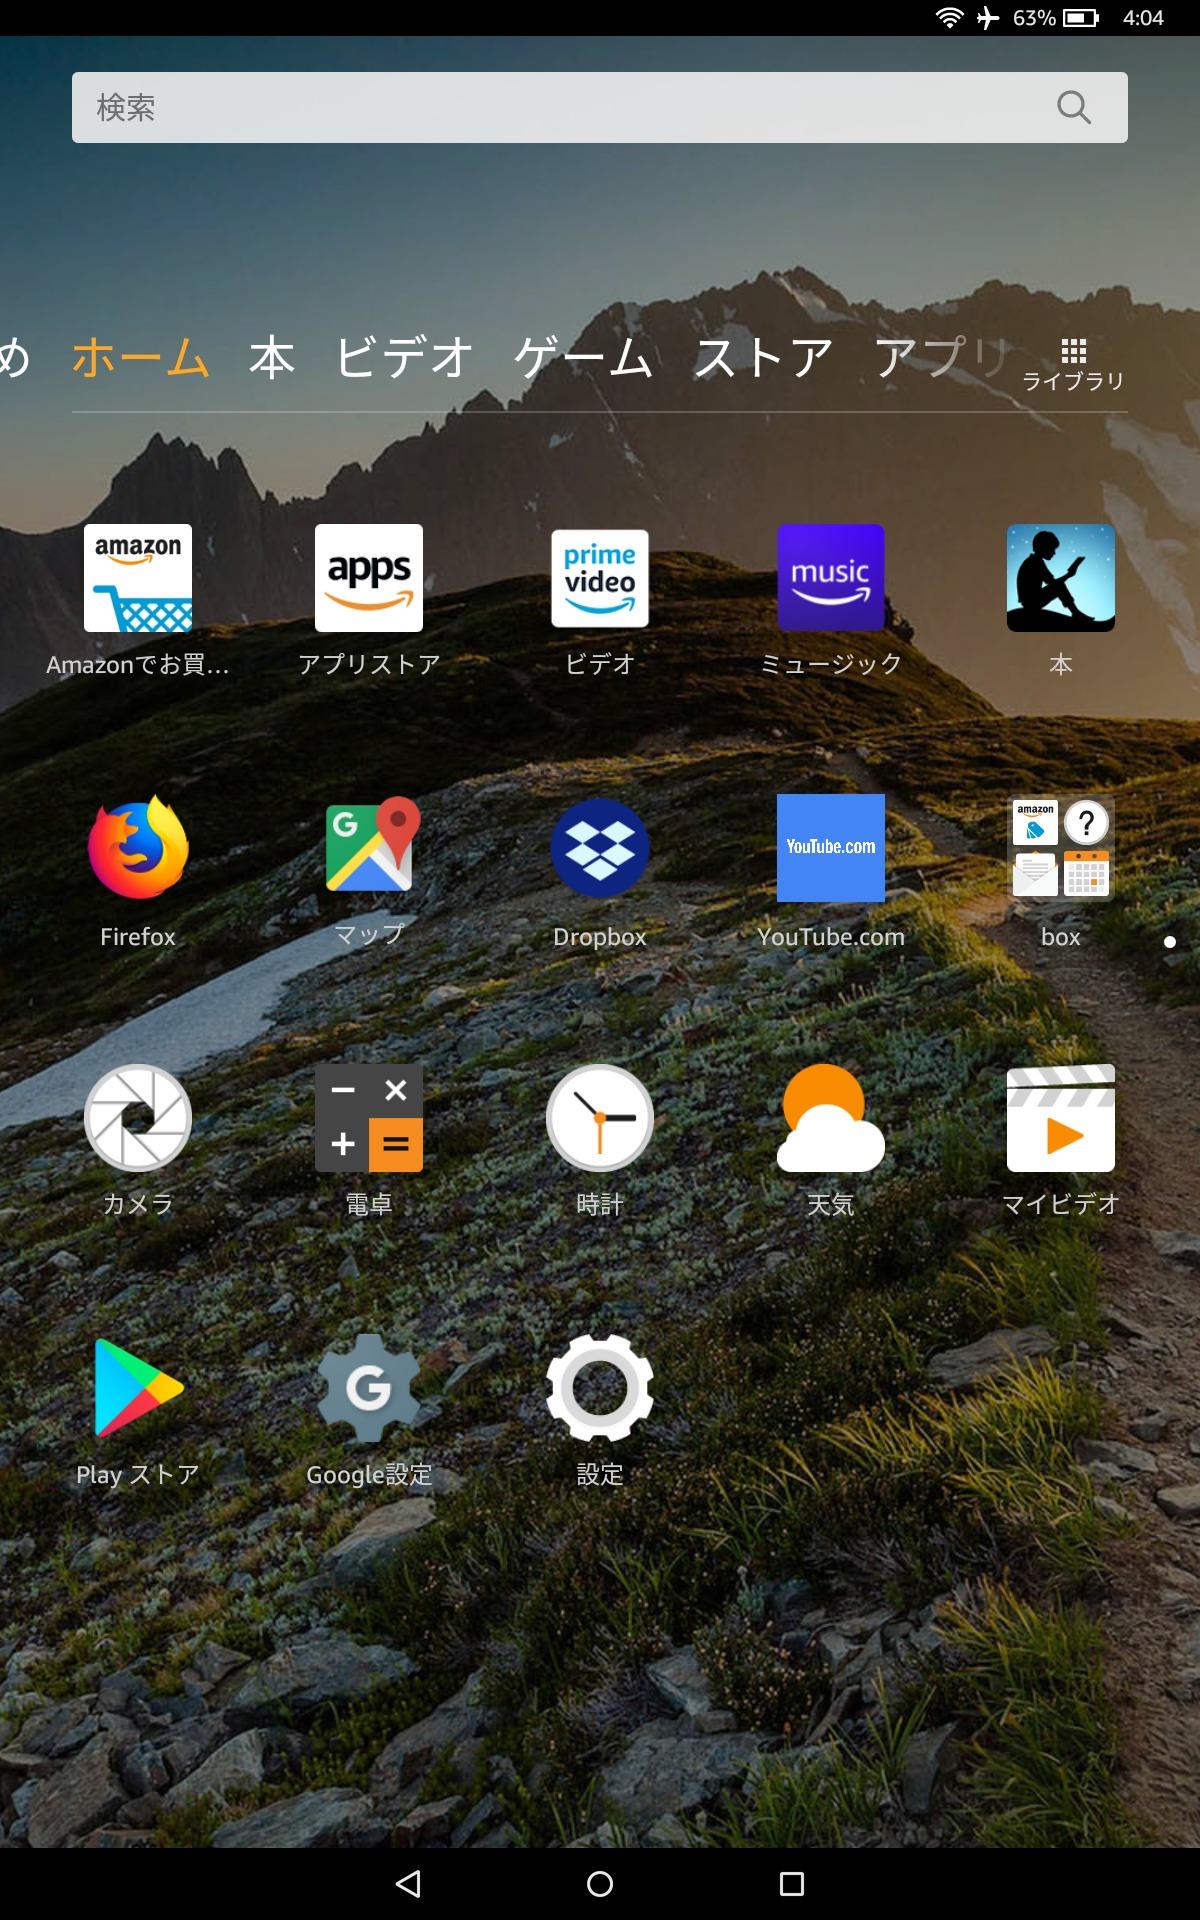 Fire HD 10 ホーム画面